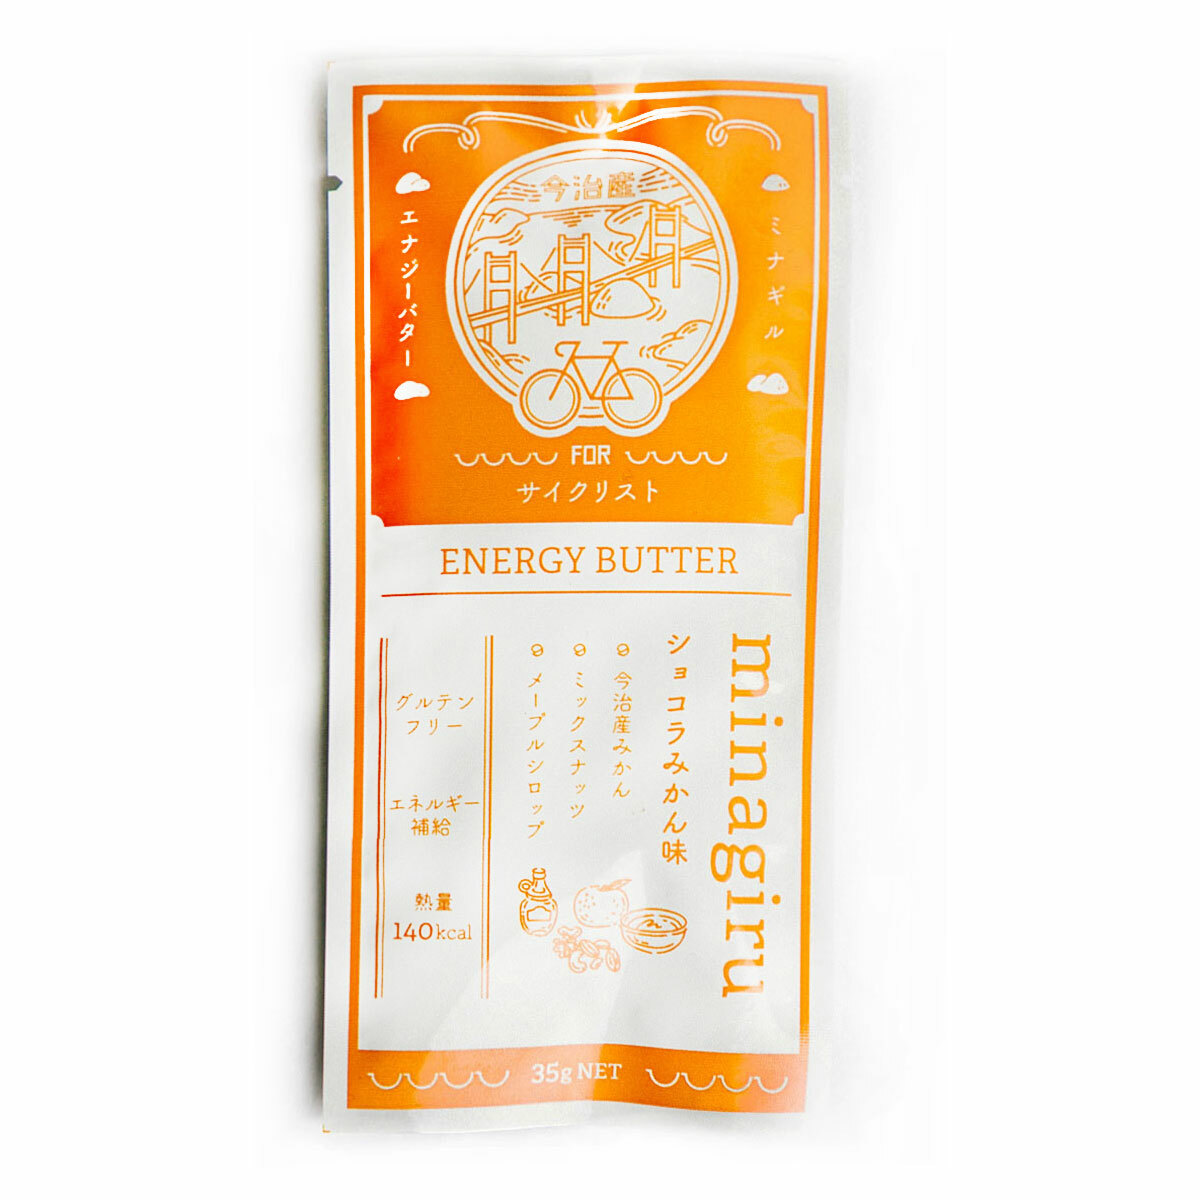 エナジーバター / ショコラみかん味(単品)